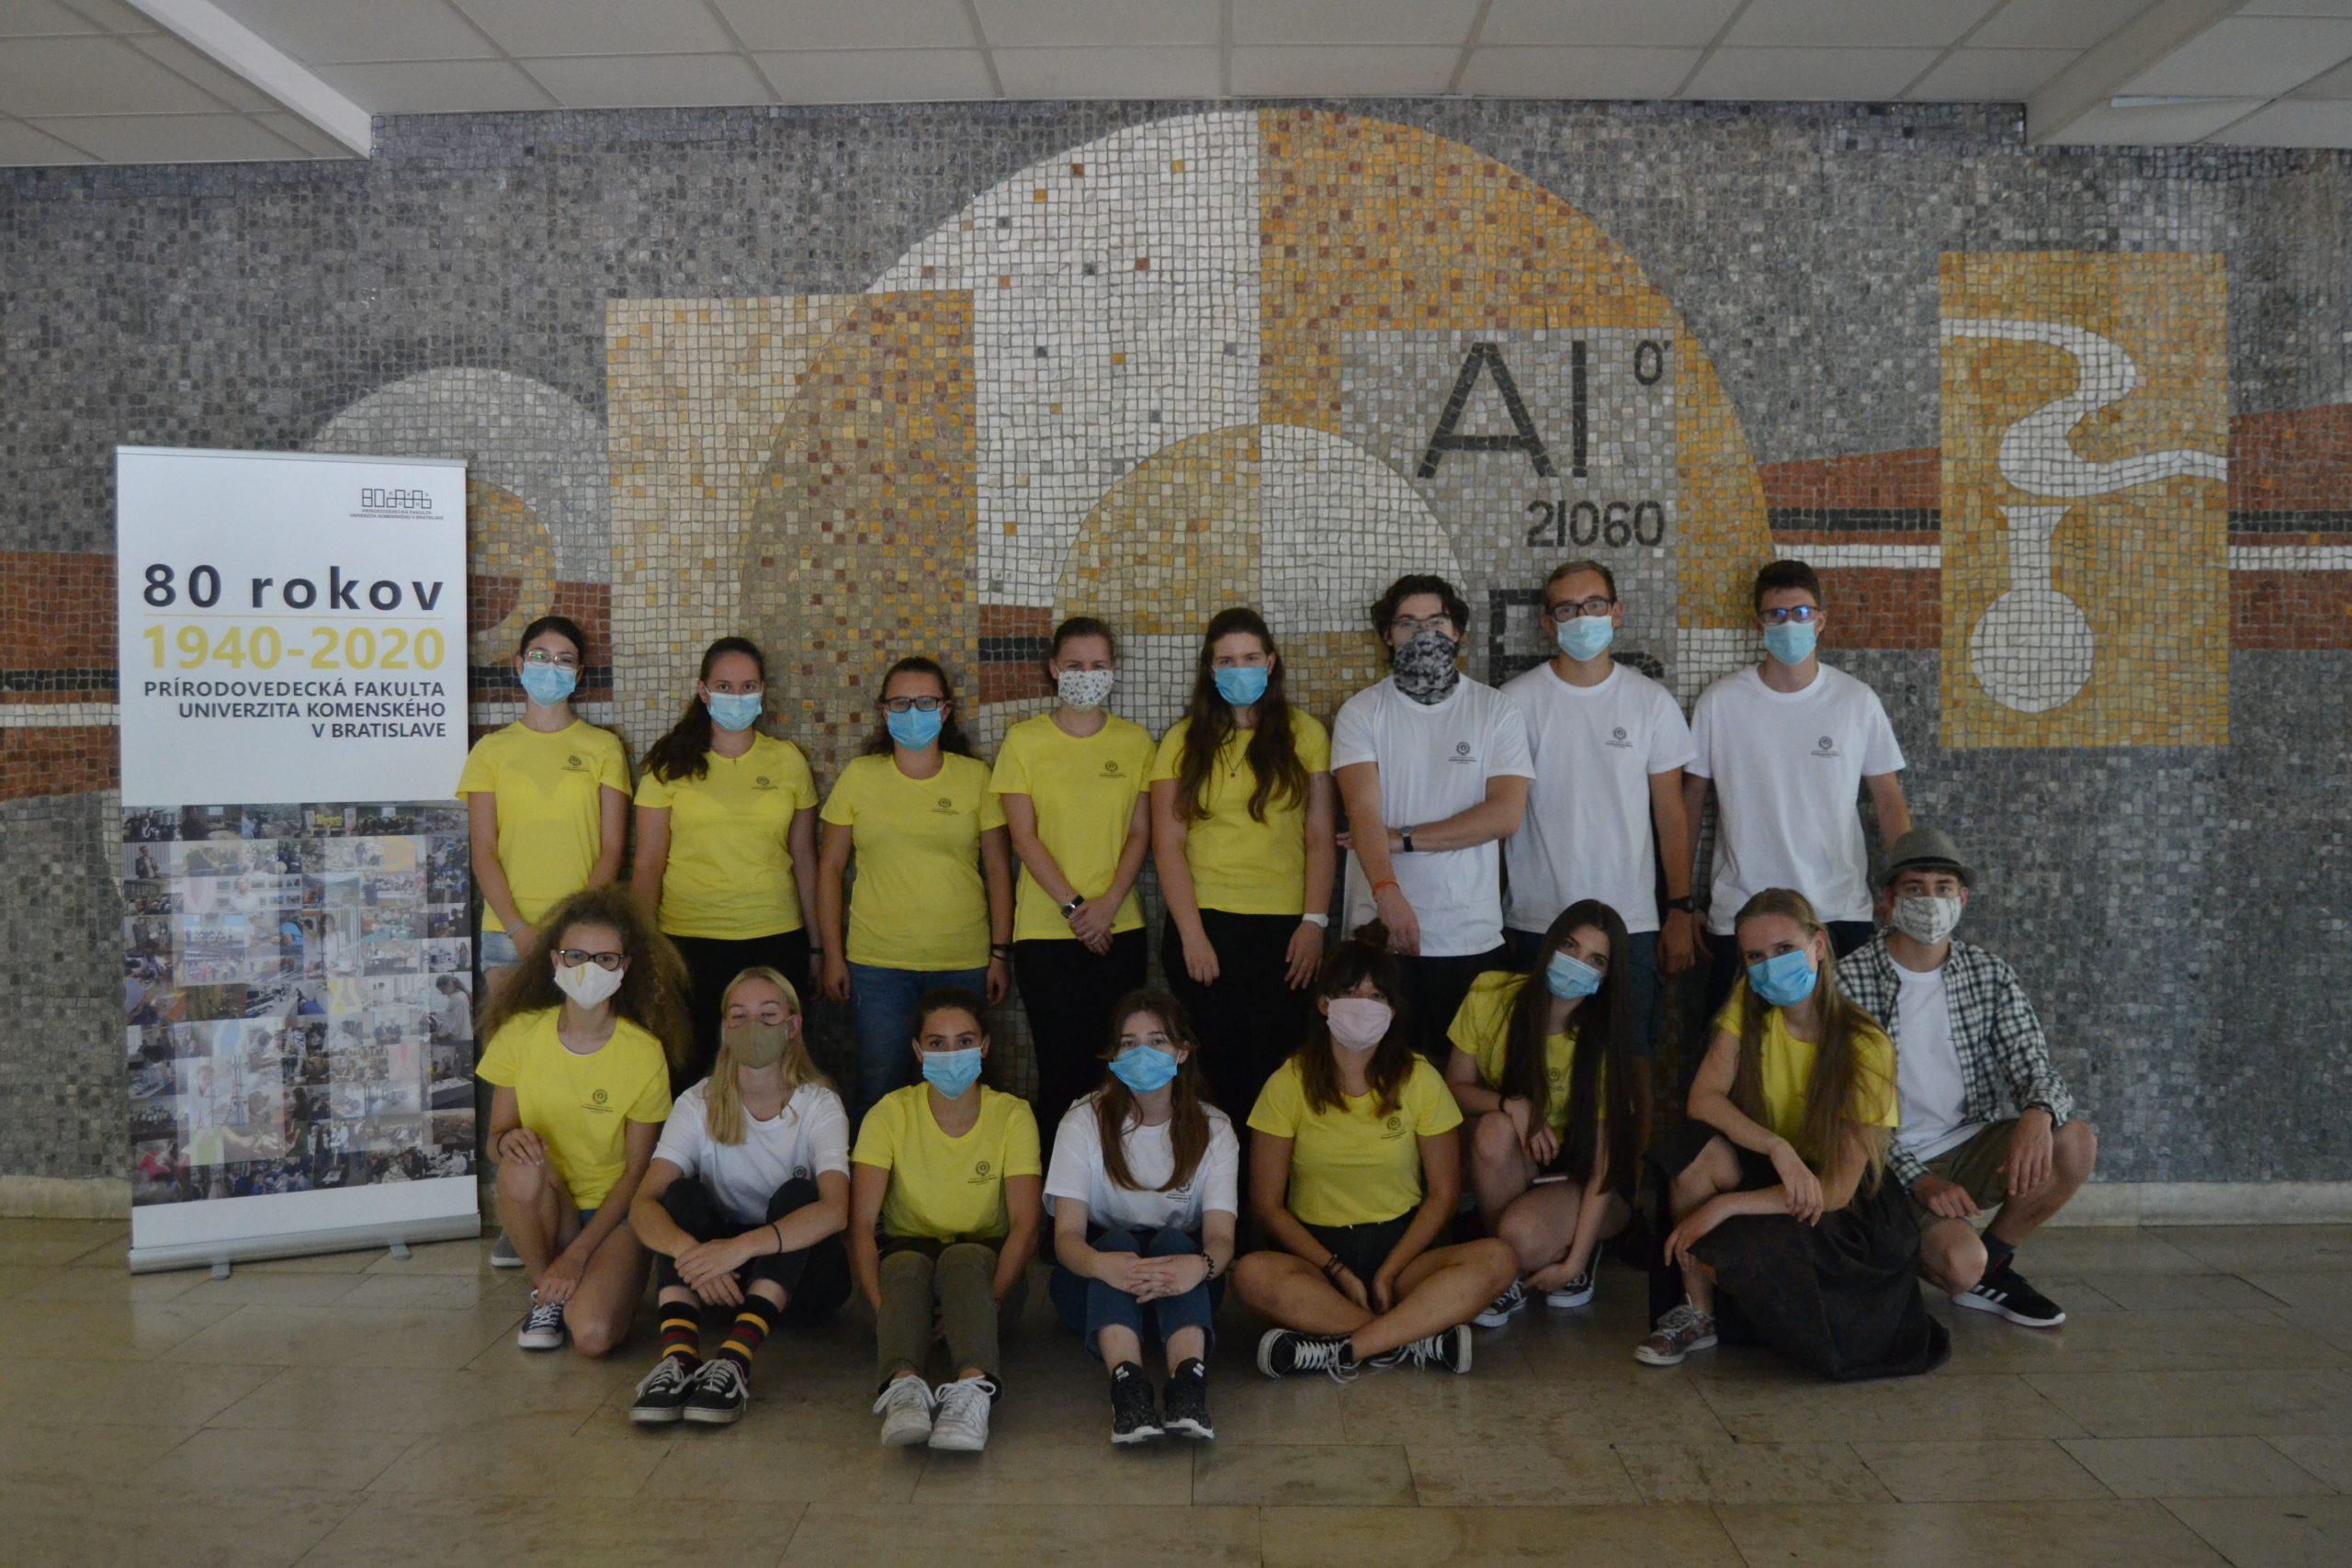 Účastníci CHEMoUK 2020 v rúškach